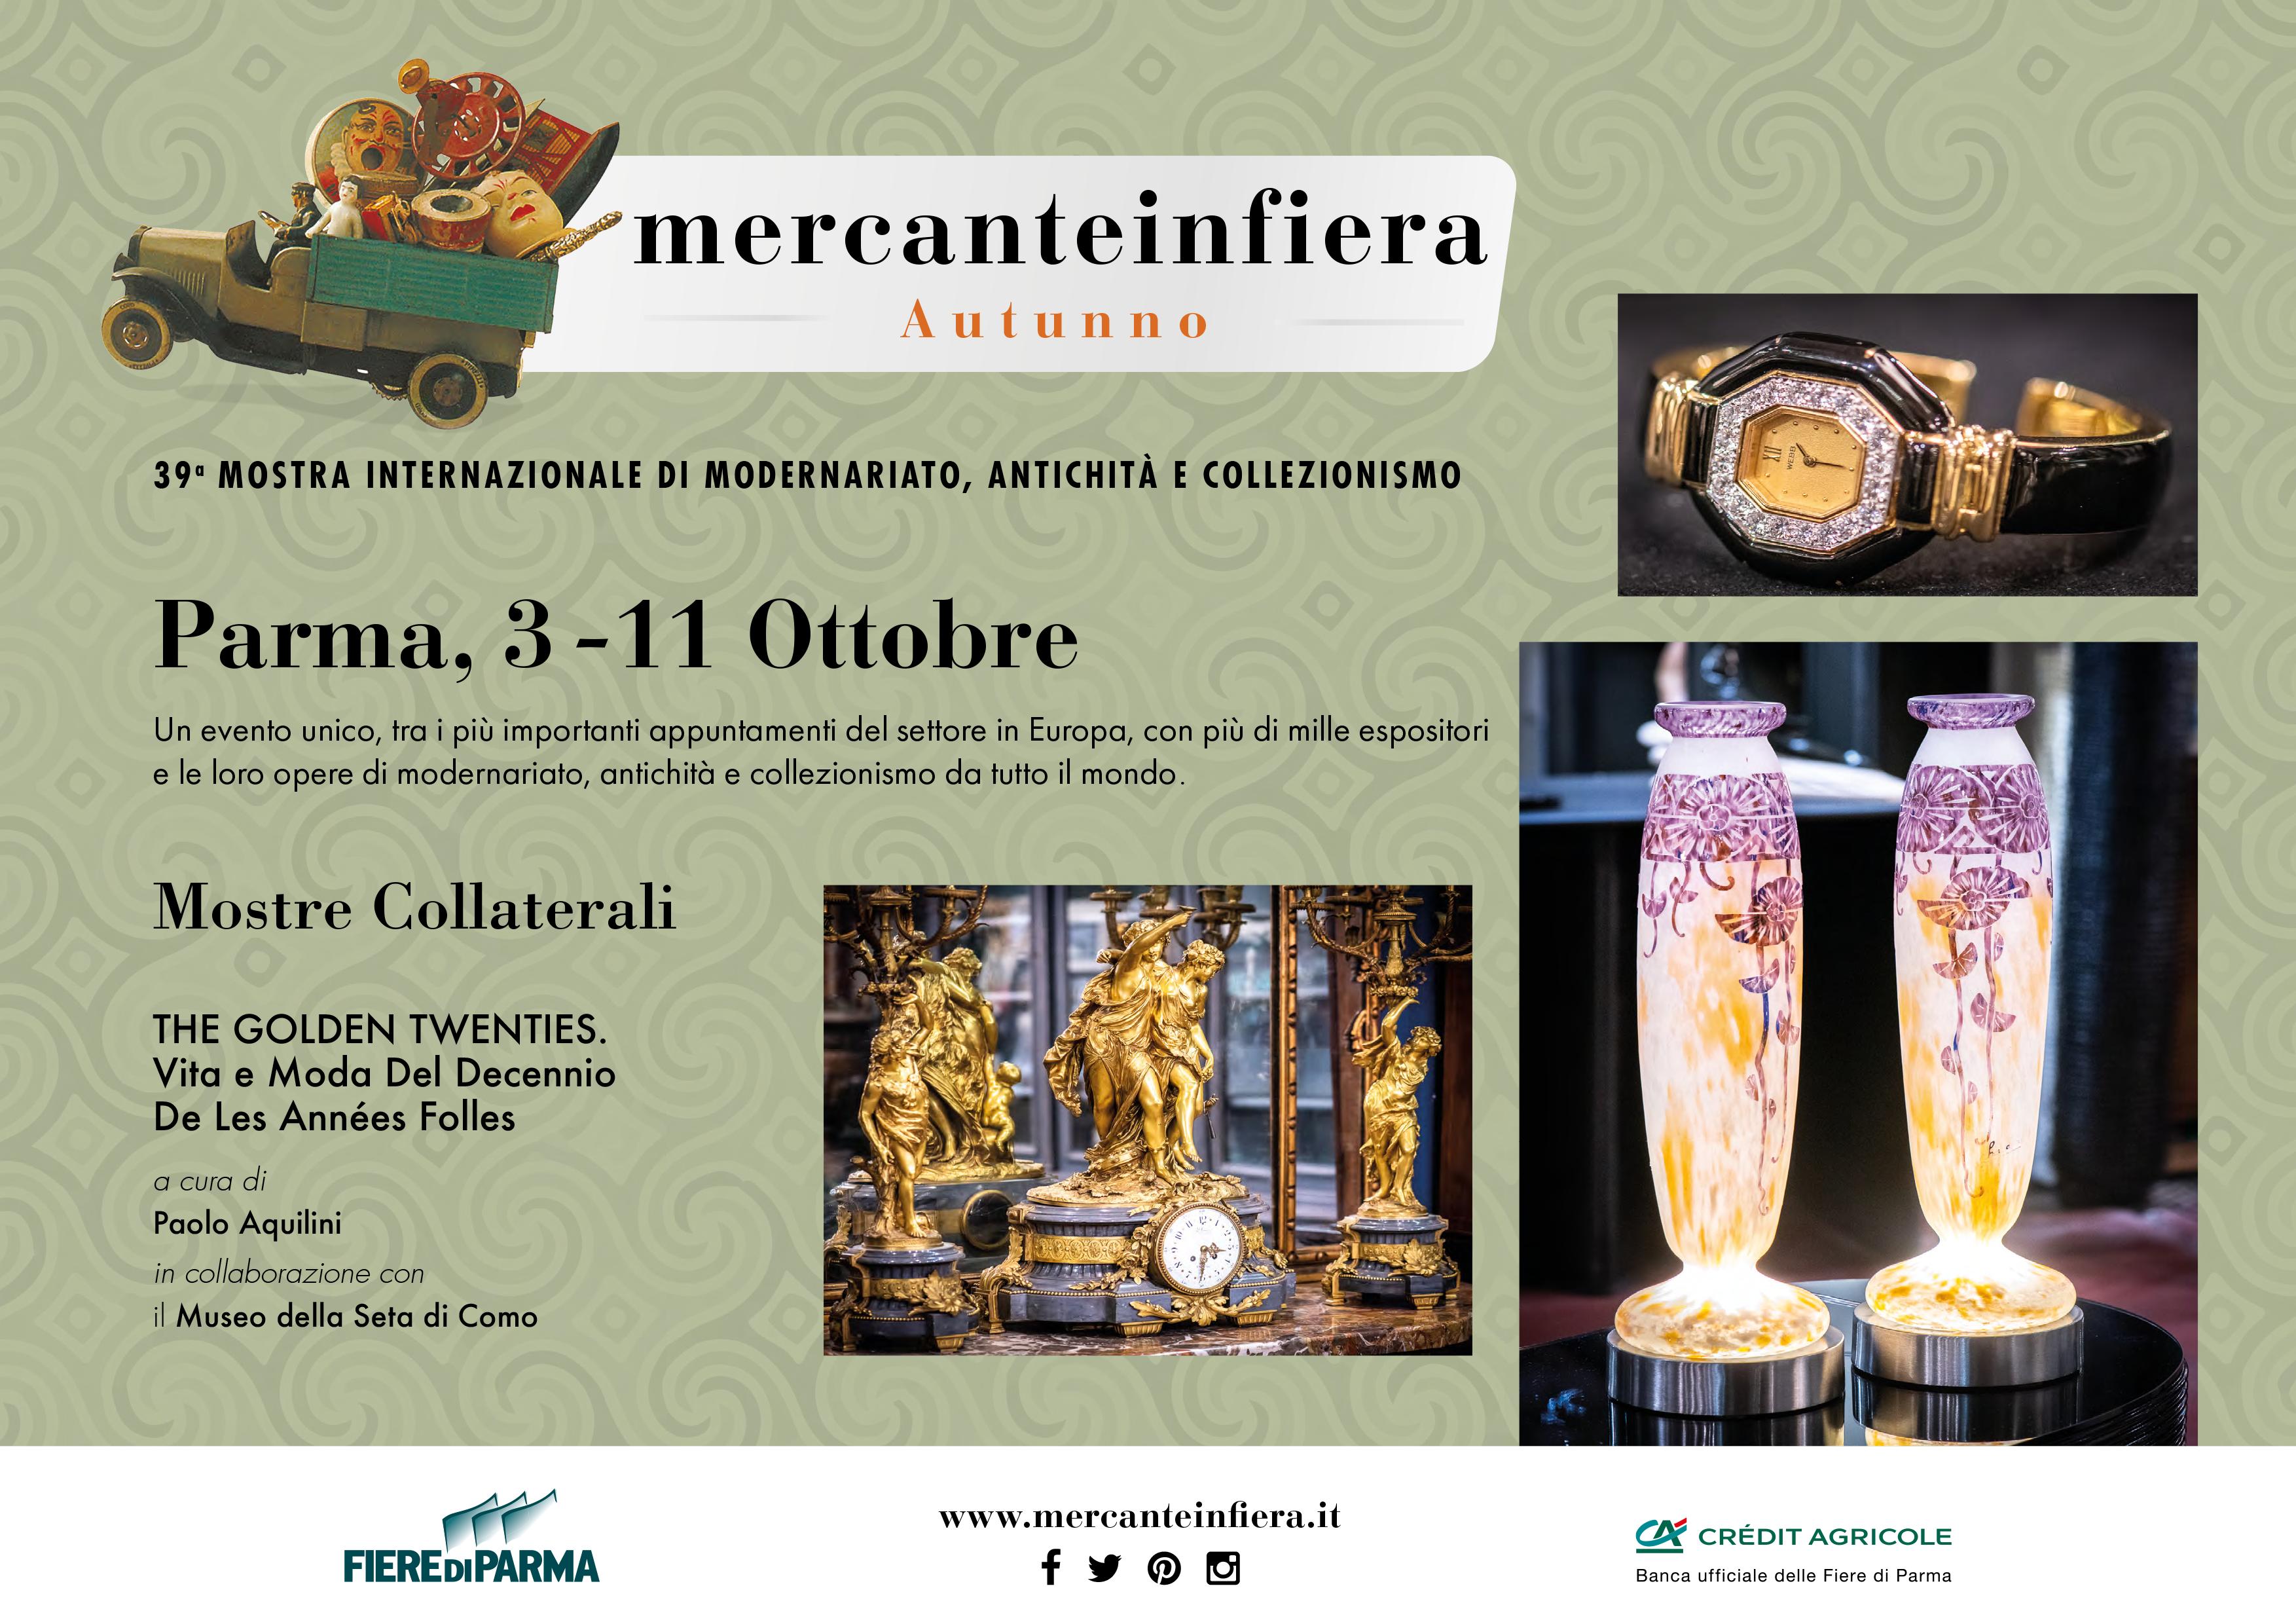 locandina mercanteinfiera autunno 2020